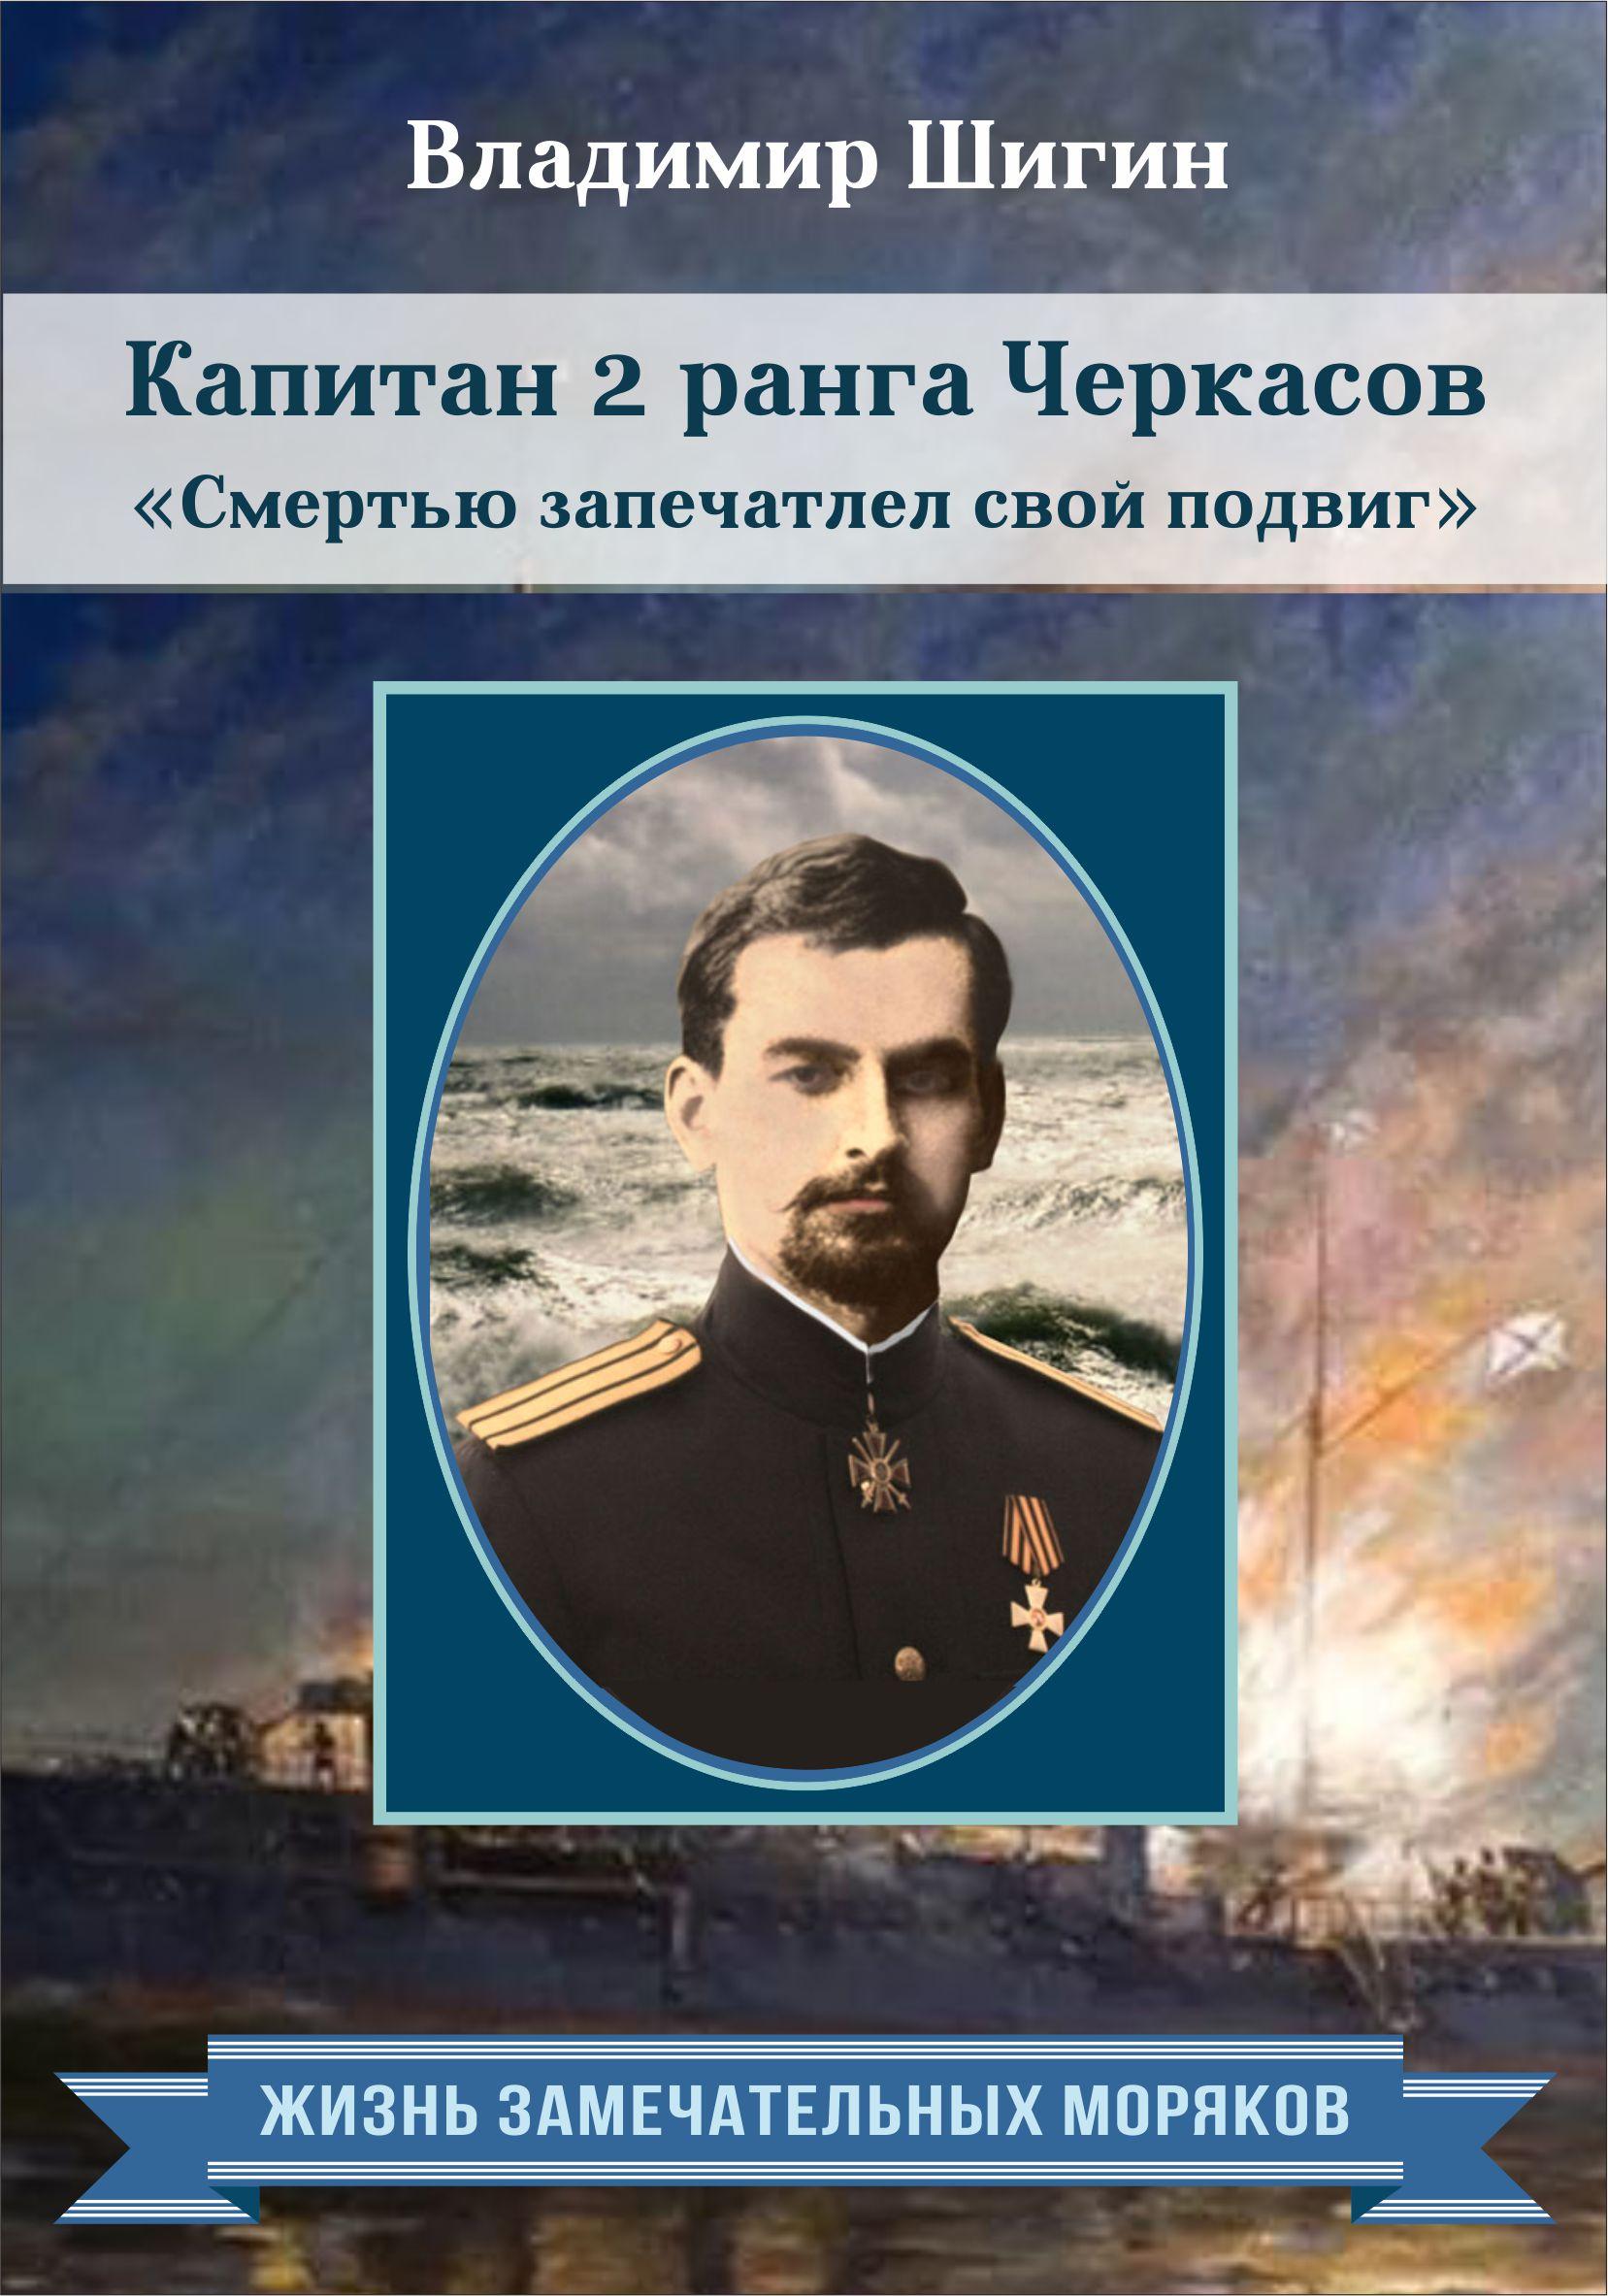 Владимир Шигин Капитан 2 ранга Черкасов. Смертью запечатлел свой подвиг капитан первого ранга